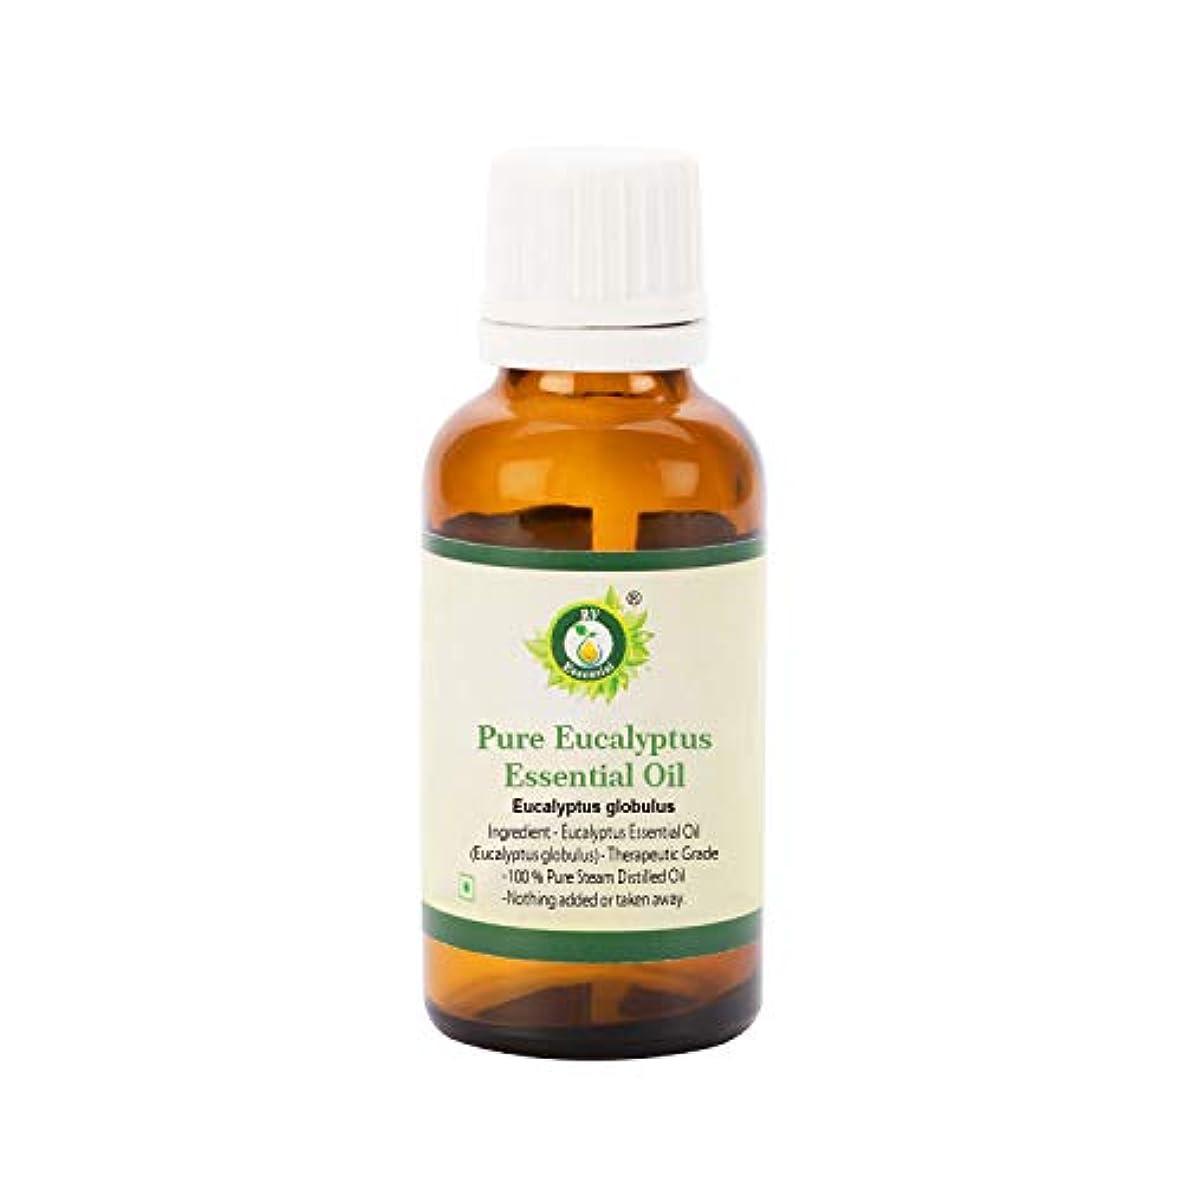 敬の念近代化する遅らせるR V Essential ピュアユーカリエッセンシャルオイル100ml (3.38oz)- Eucalyptus globulus (100%純粋&天然スチームDistilled) Pure Eucalyptus Essential...